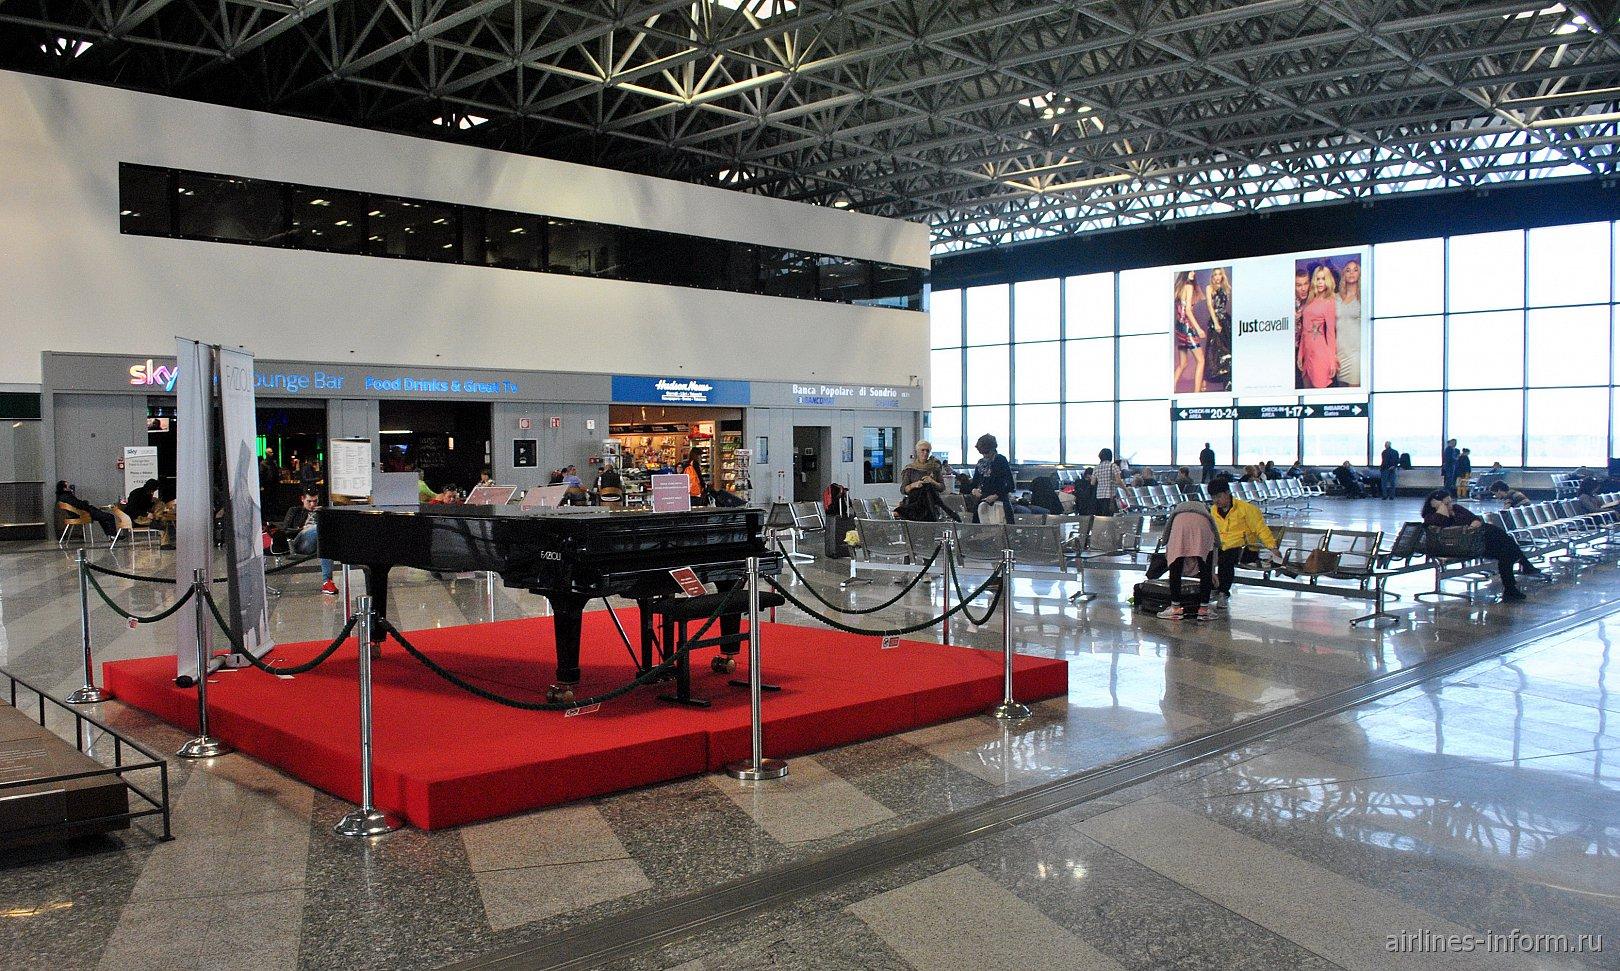 Общий зал в терминале Т1 аэропорта Милан Мальпенса